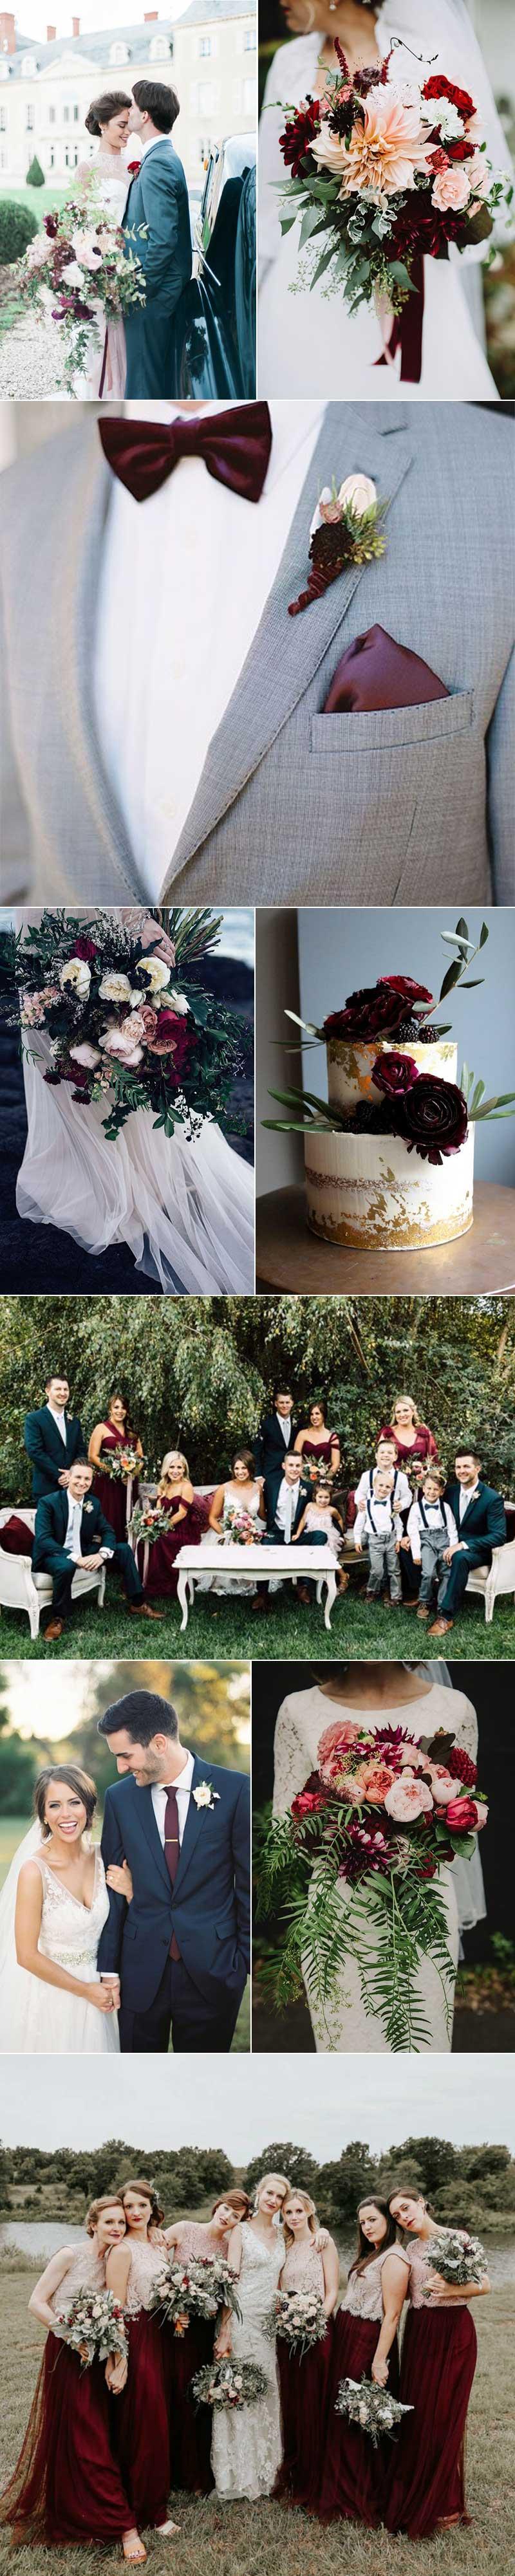 Rich Plum Wedding Ideas